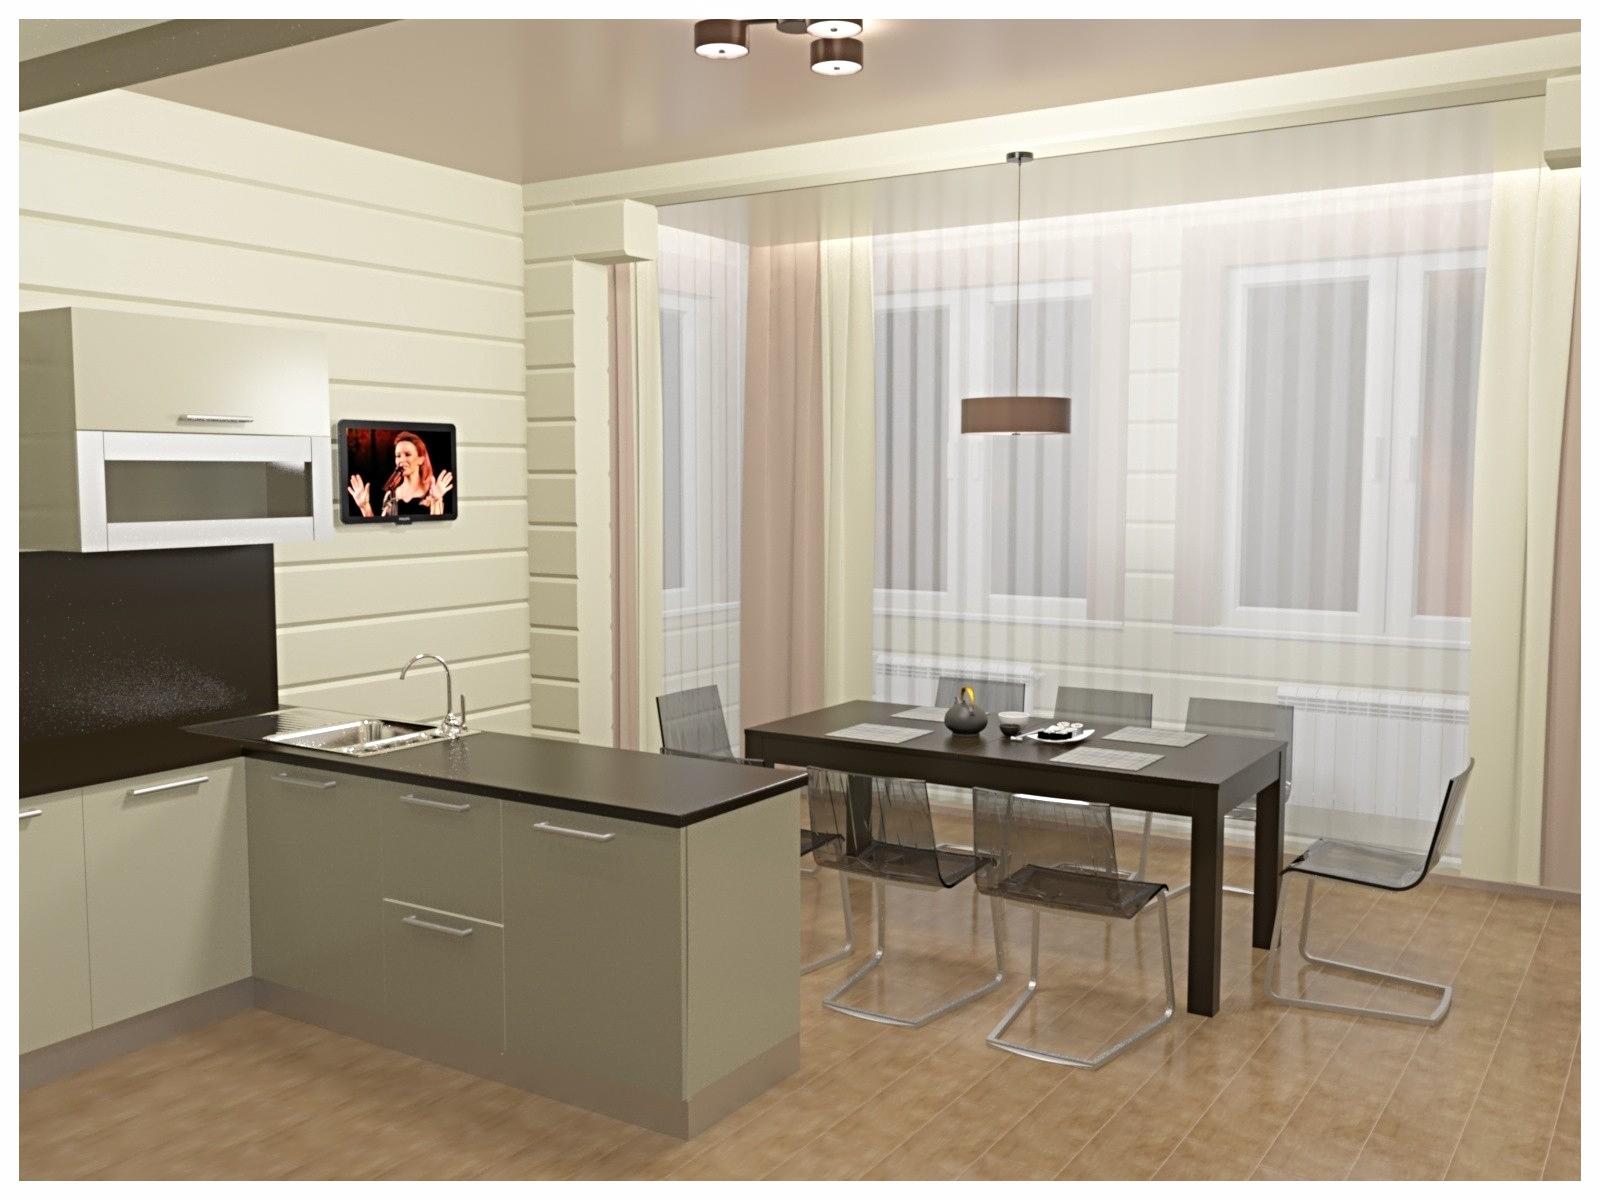 Дизайн интерьеров в коттедже из бруса. Барная стойка по договору на дизайн проект.